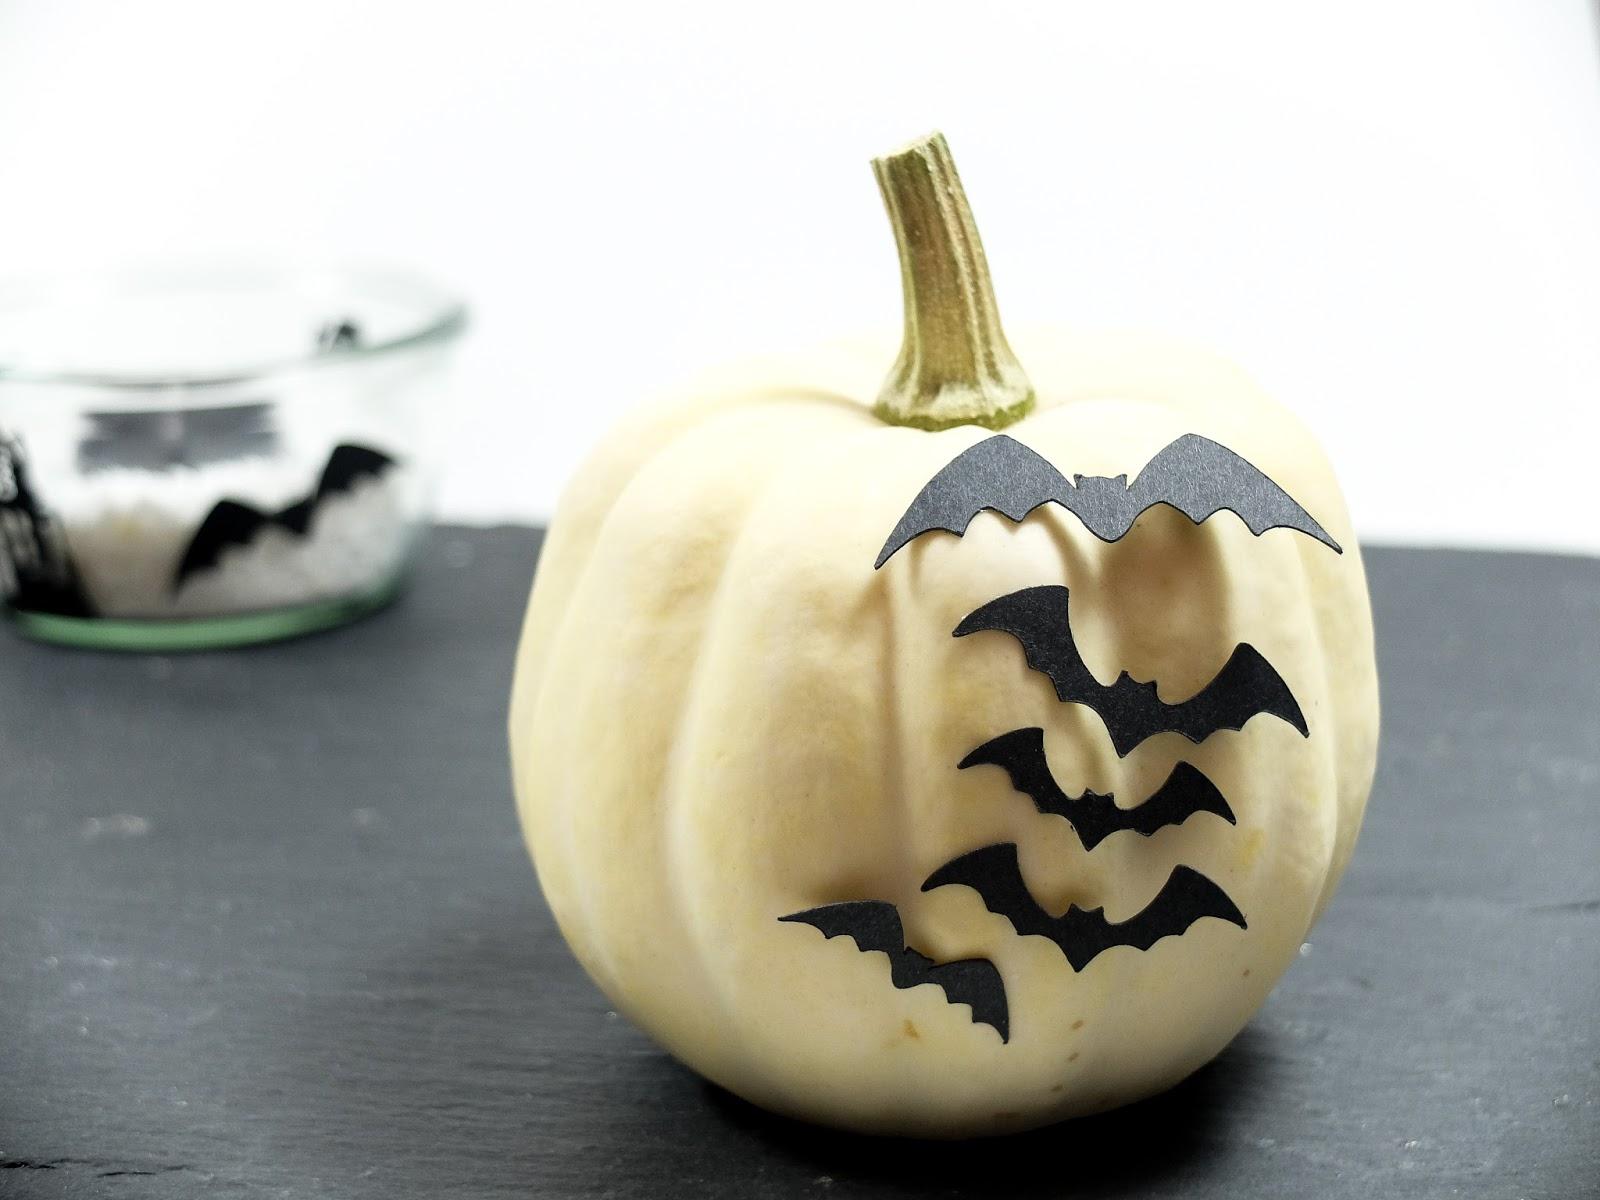 Leine design halloween tischdekoration - Tischdekoration halloween ...